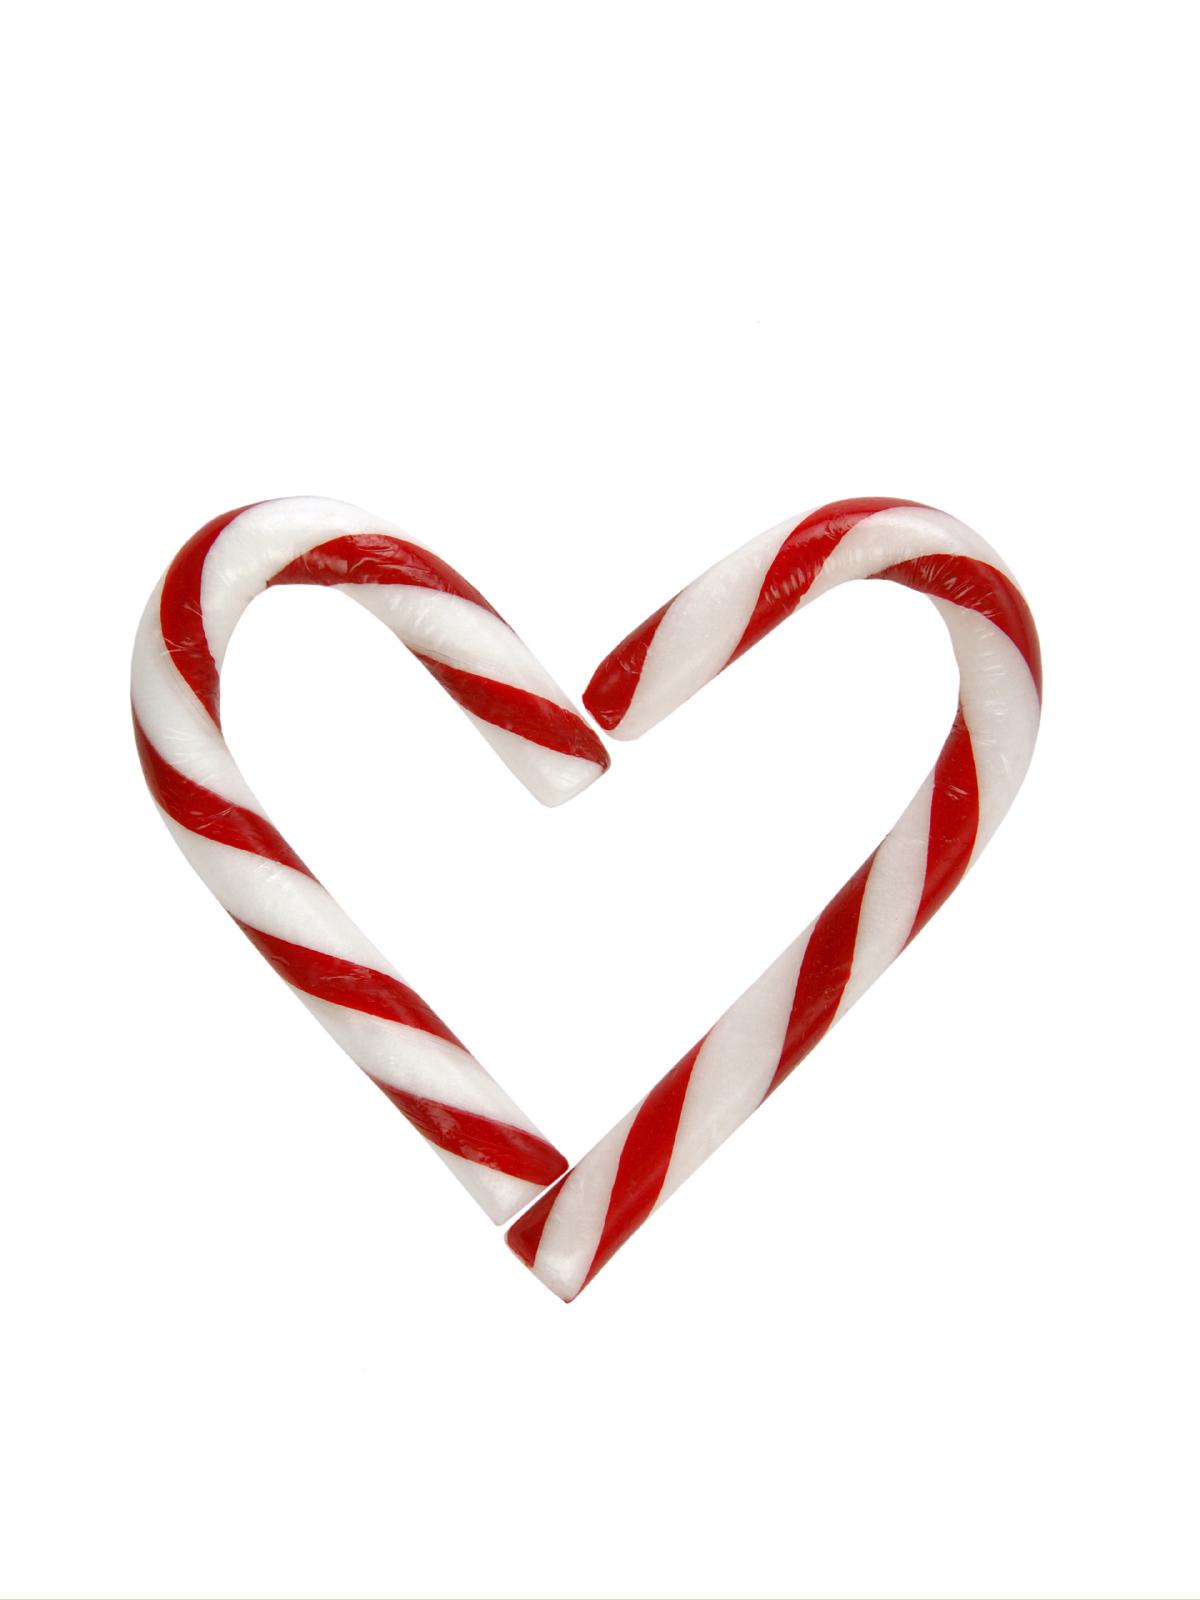 Candy Cane Cut Out Sugar Cookies: Agenesis Corpus Callosum: November 2010